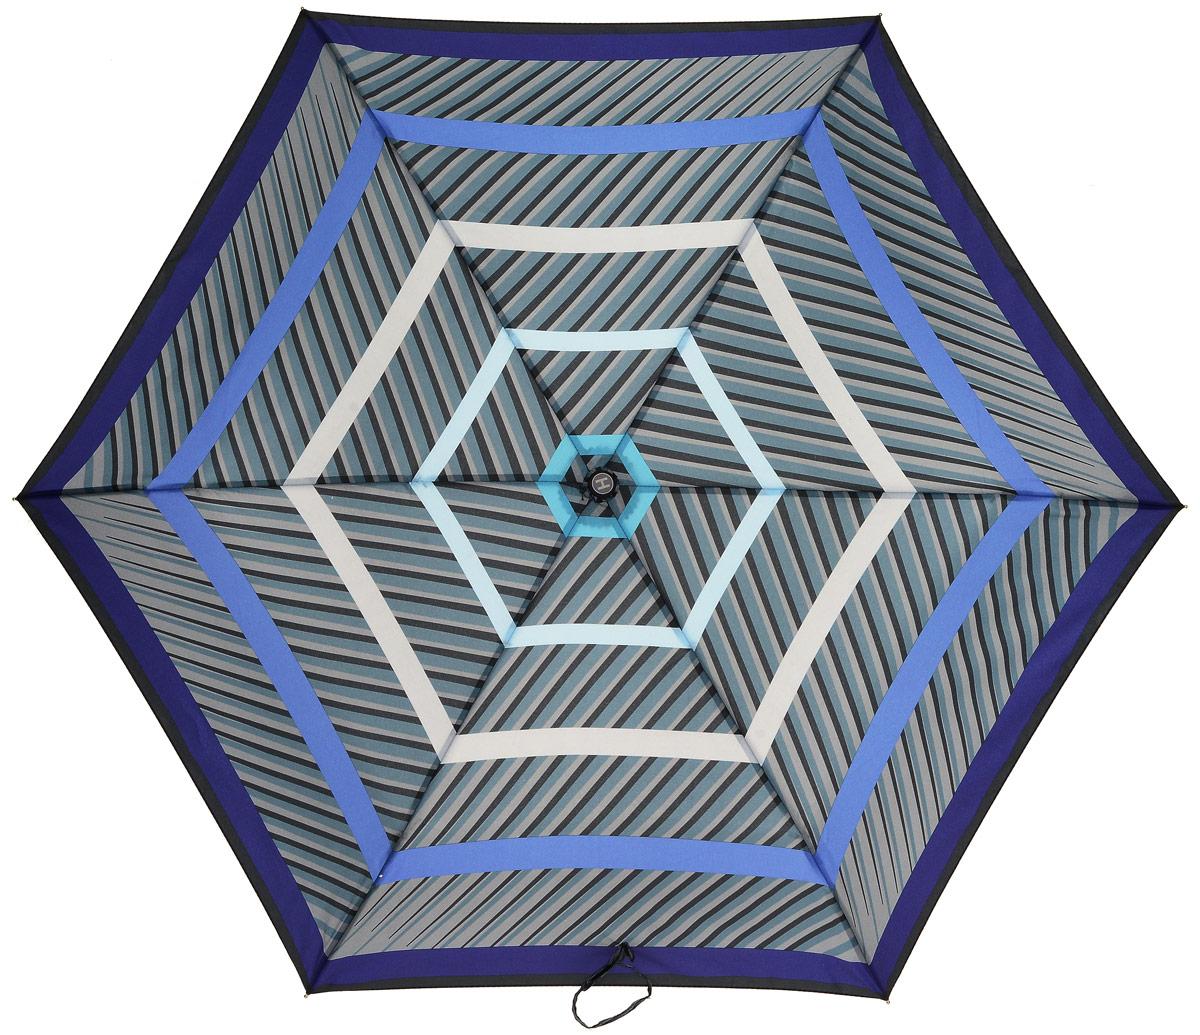 Зонт женский Henry Backer, 3 сложения, цвет: серый. U32202 StripesU32202 StripesСуперлегкий женский зонт «Полоски», синий, механика Компактная рукоятка выполнена из нескользящего, комфортного для ладони материала, ветроустойчивый каркас сделан из алюминия и фибергласса.